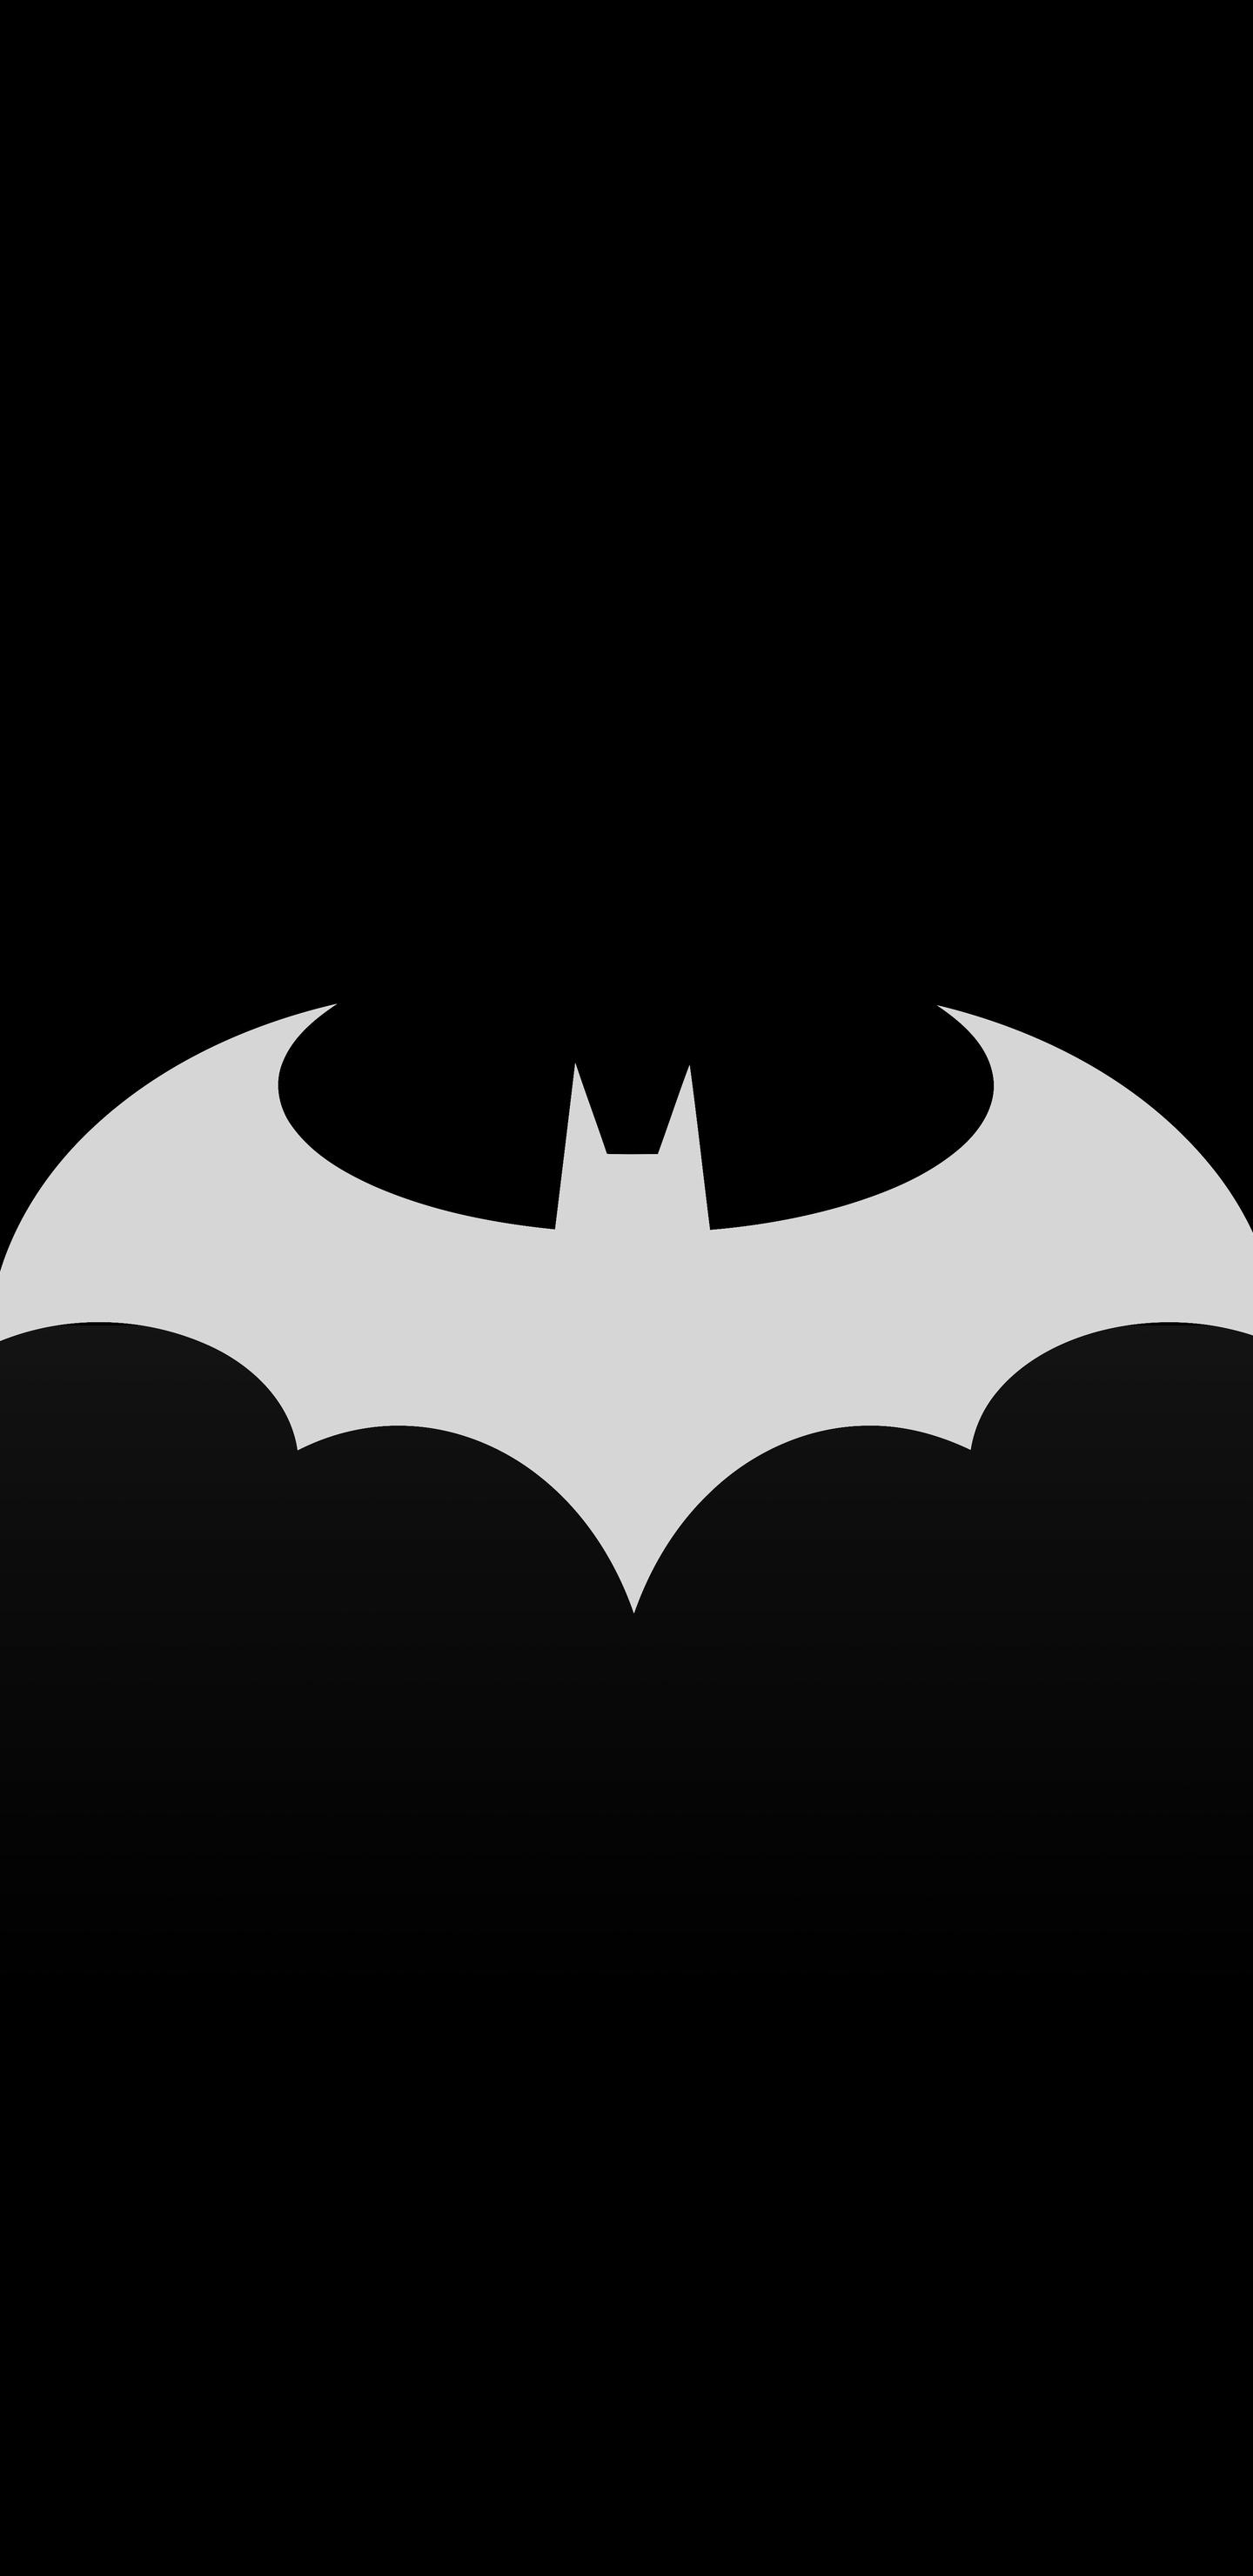 Batman Wallpaper S8